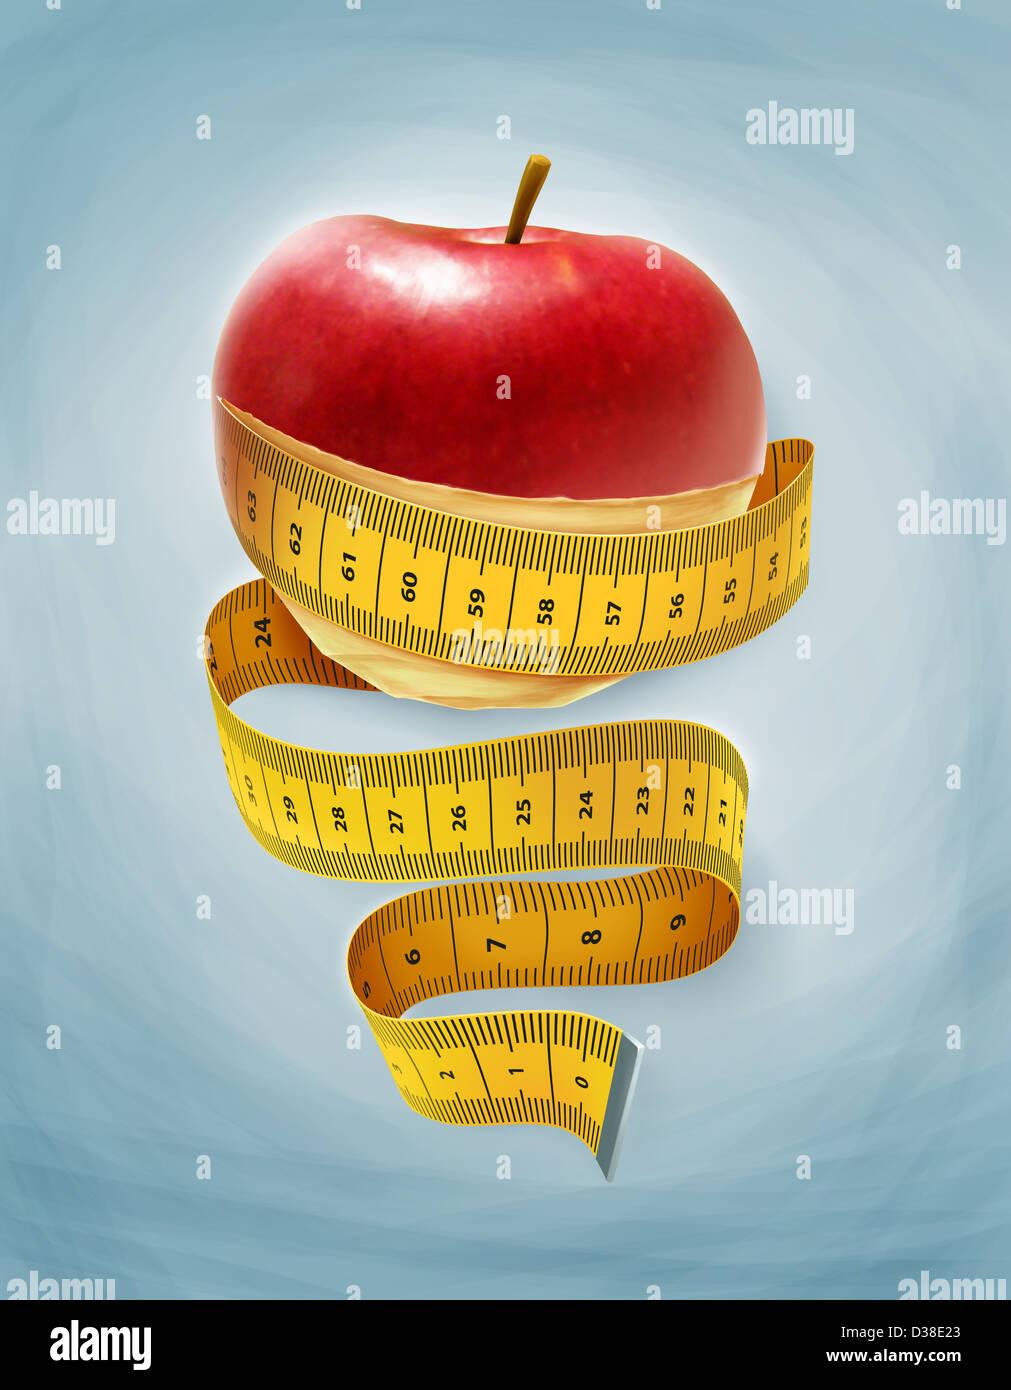 Anschauliches Bild eines Apfels gewickelt mit Maßband, darstellt, eine Diät Stockfoto